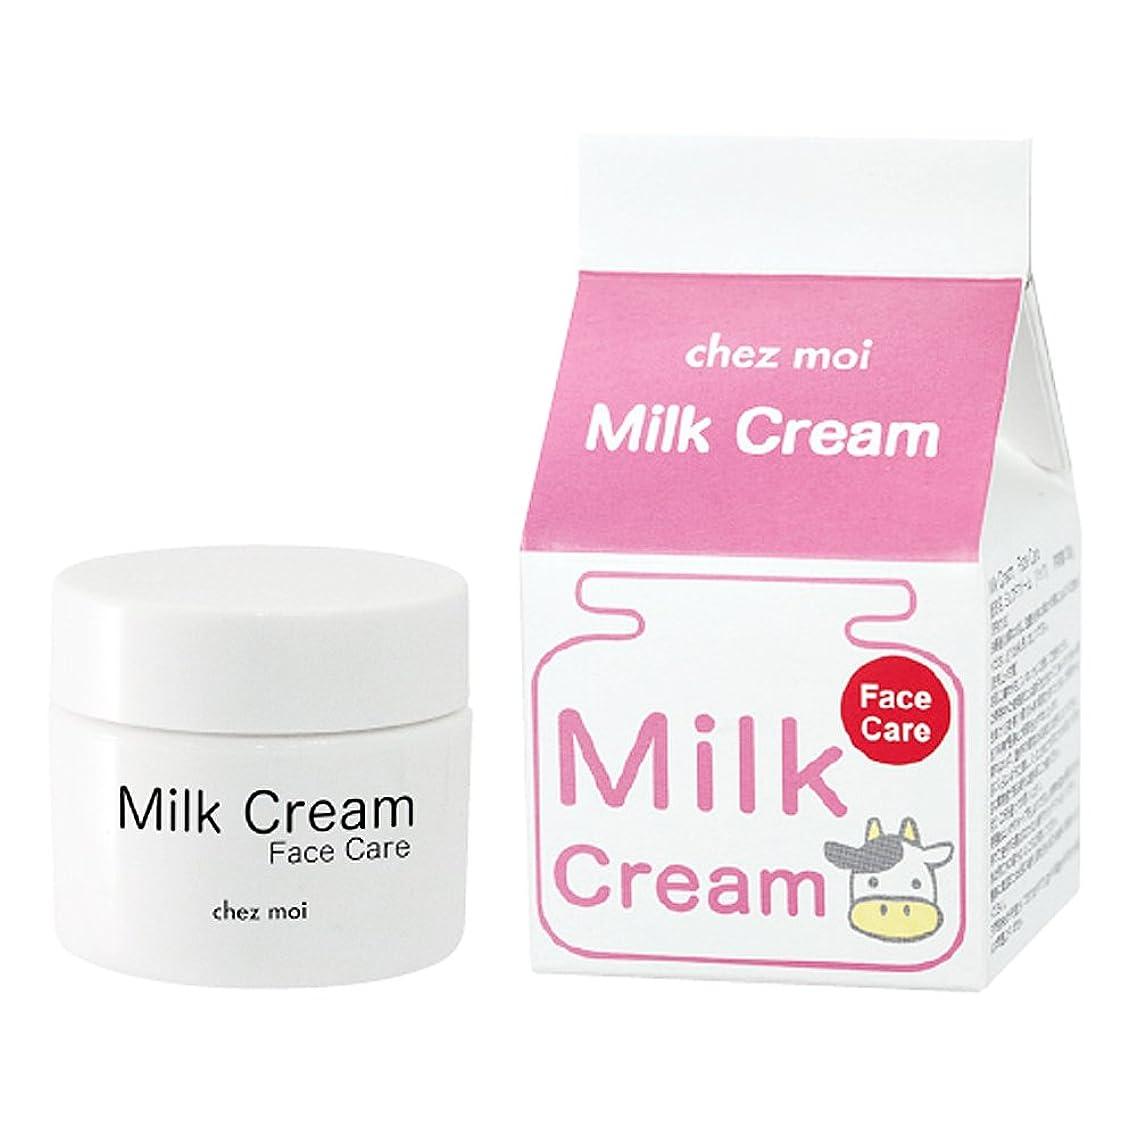 忘れっぽい姿を消す寄稿者シェモア Milk Cream Face Care(ミルククリーム フェイスケア) 30g